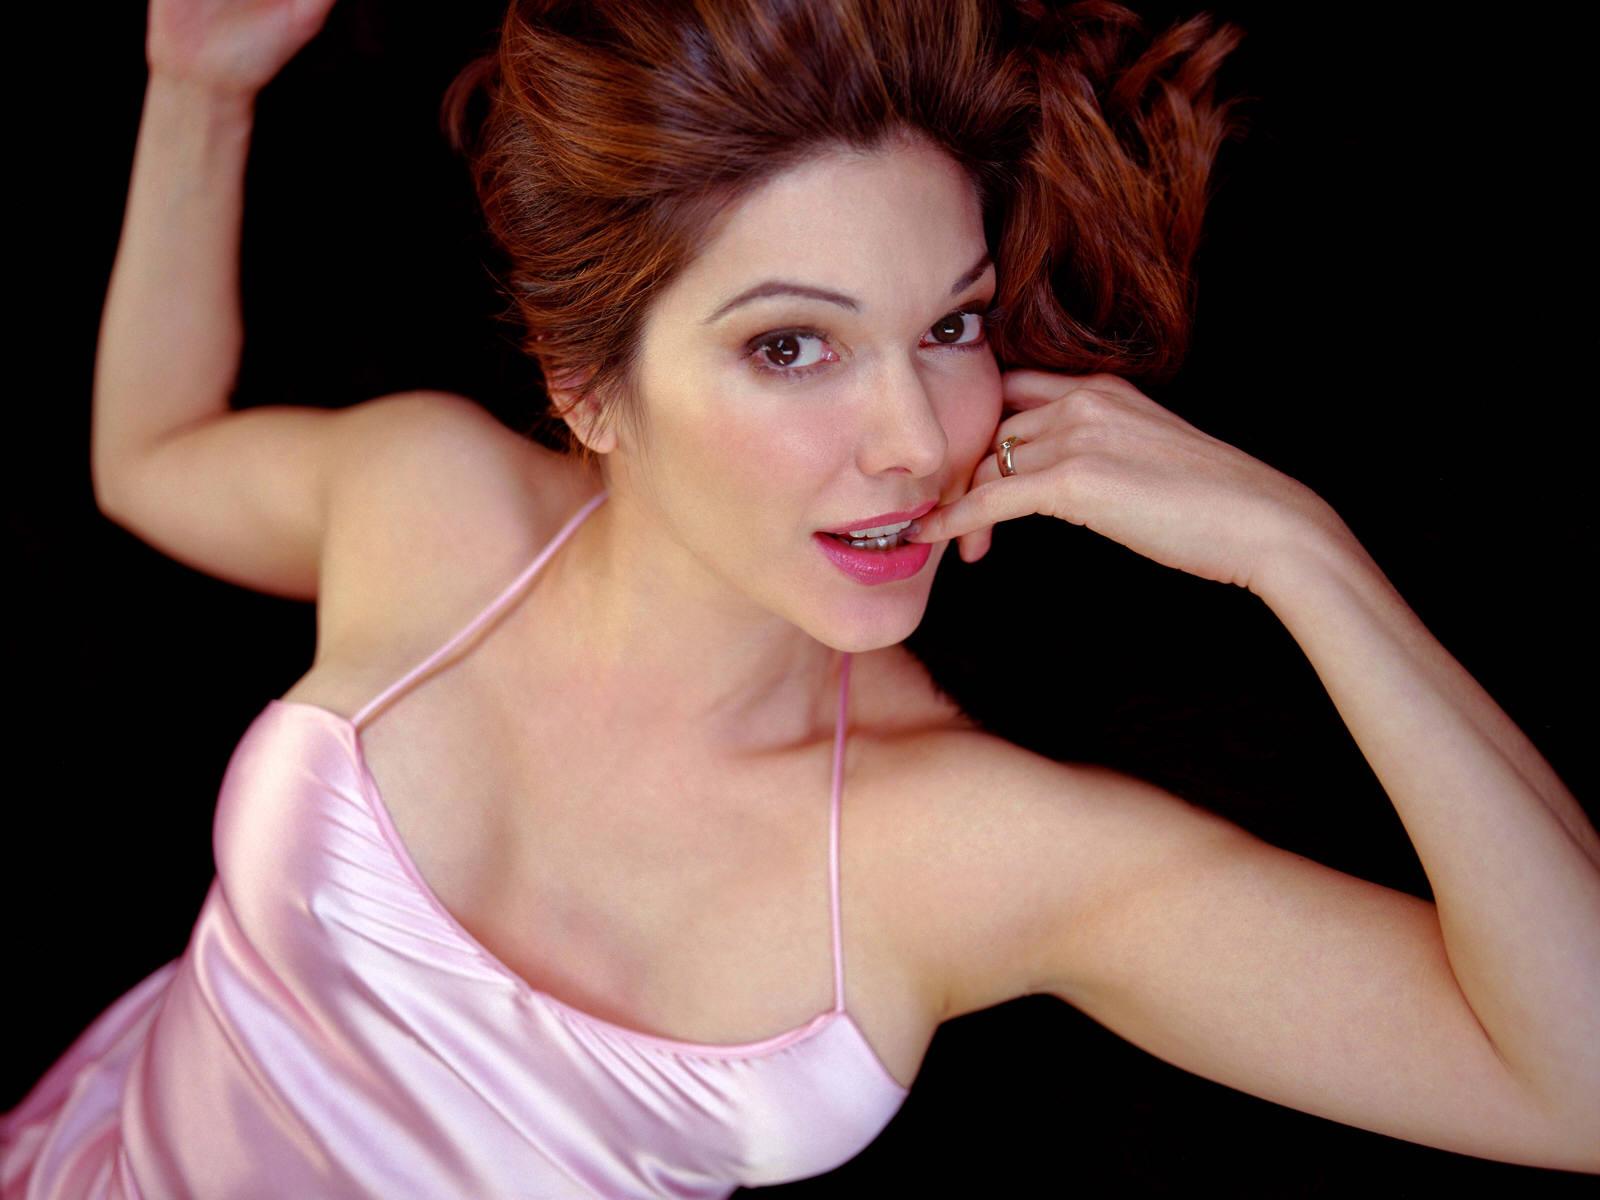 http://2.bp.blogspot.com/-KRna3plPCC0/TaJ7GOmwCDI/AAAAAAAAAfY/Waqvxb7m79o/s1600/Laura-Harring-4.jpg